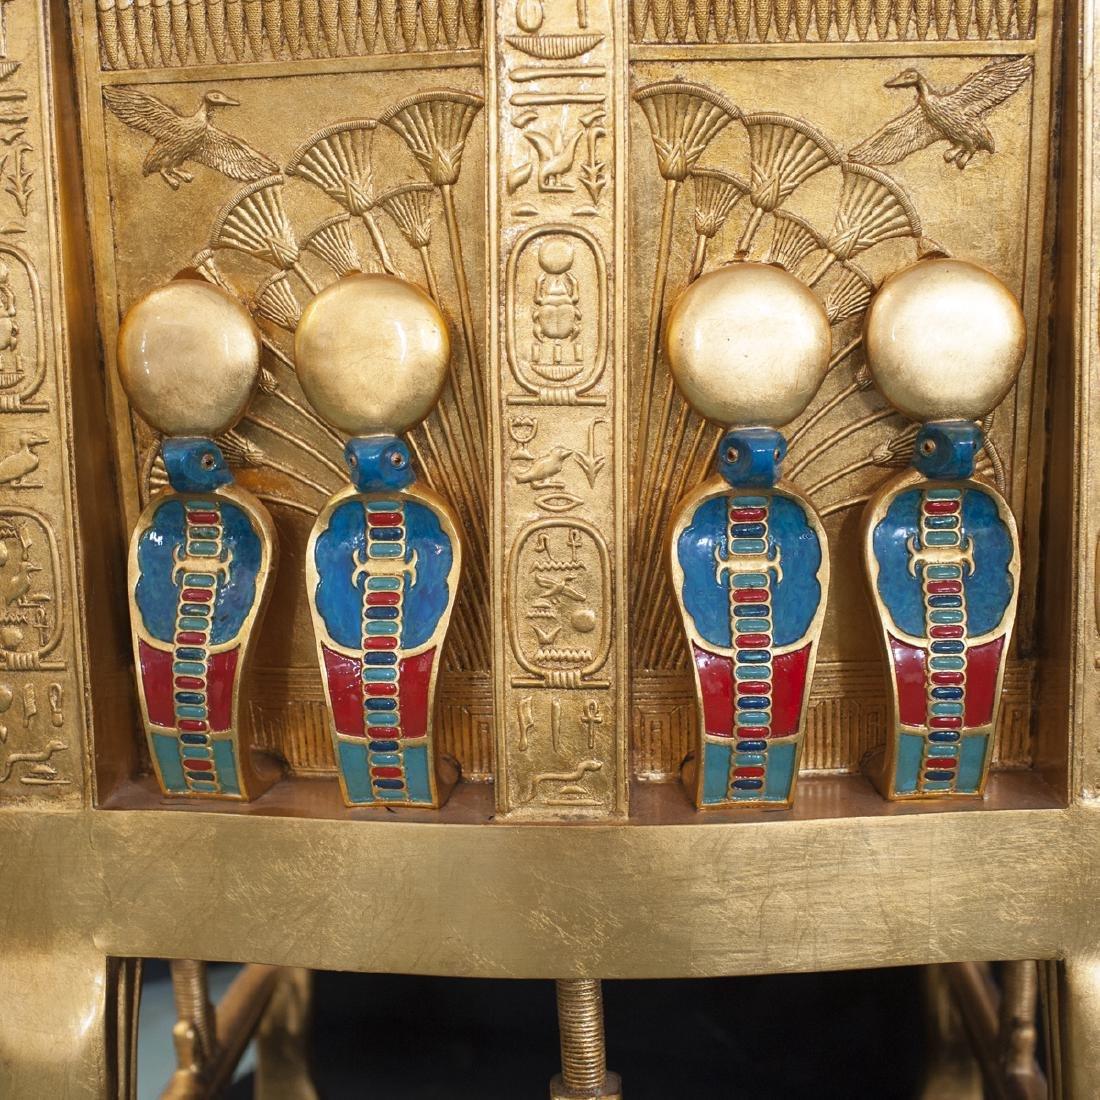 King Tut Replica Throne Chair - 7